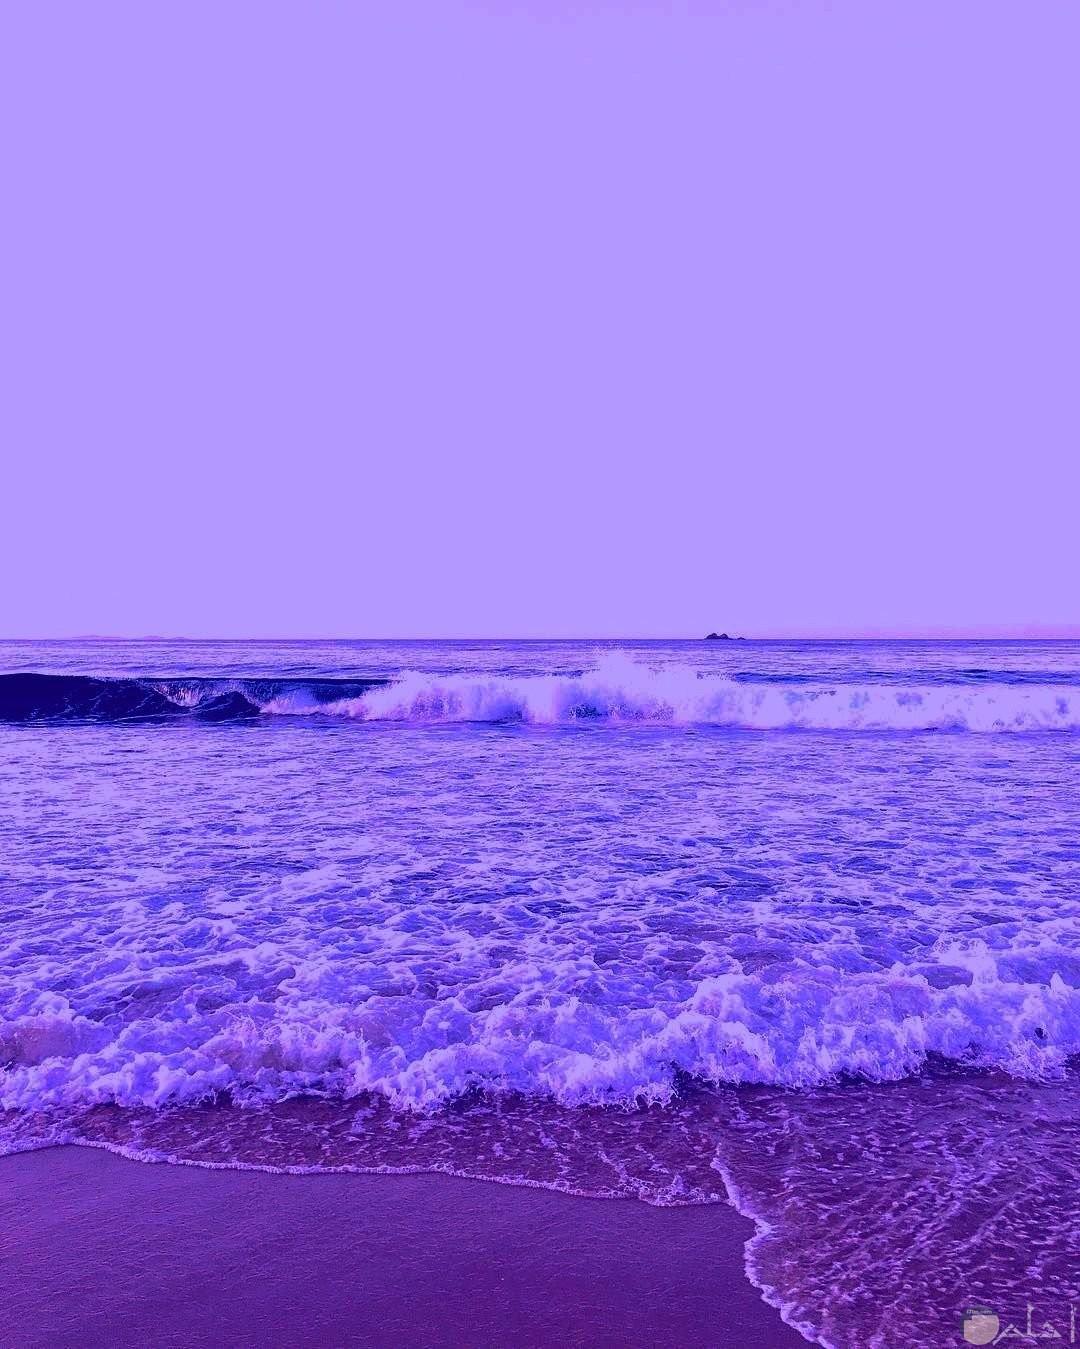 بحر باللون البنفسجي.